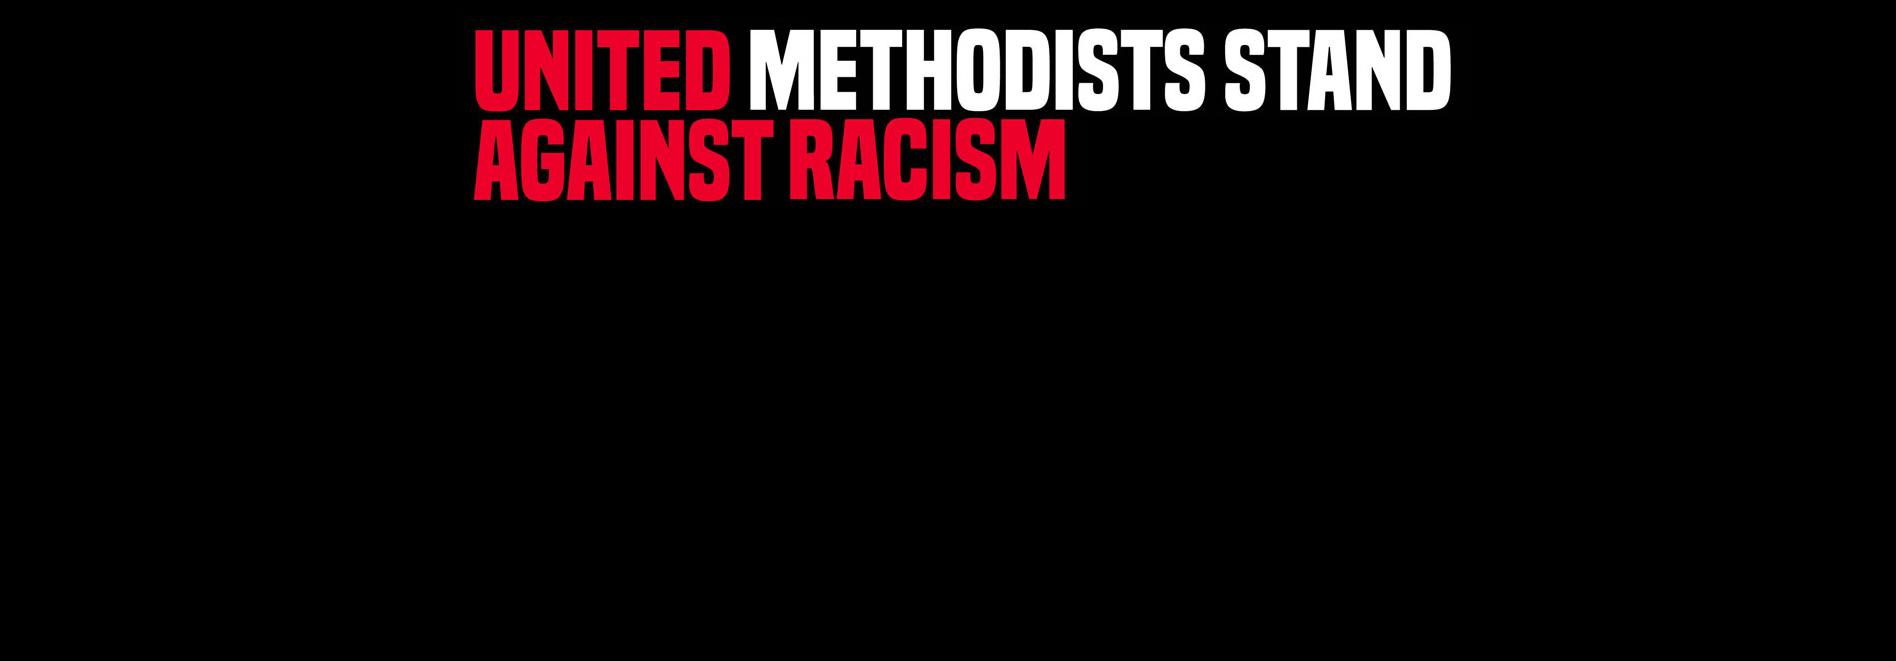 UMC_AgainstRacism